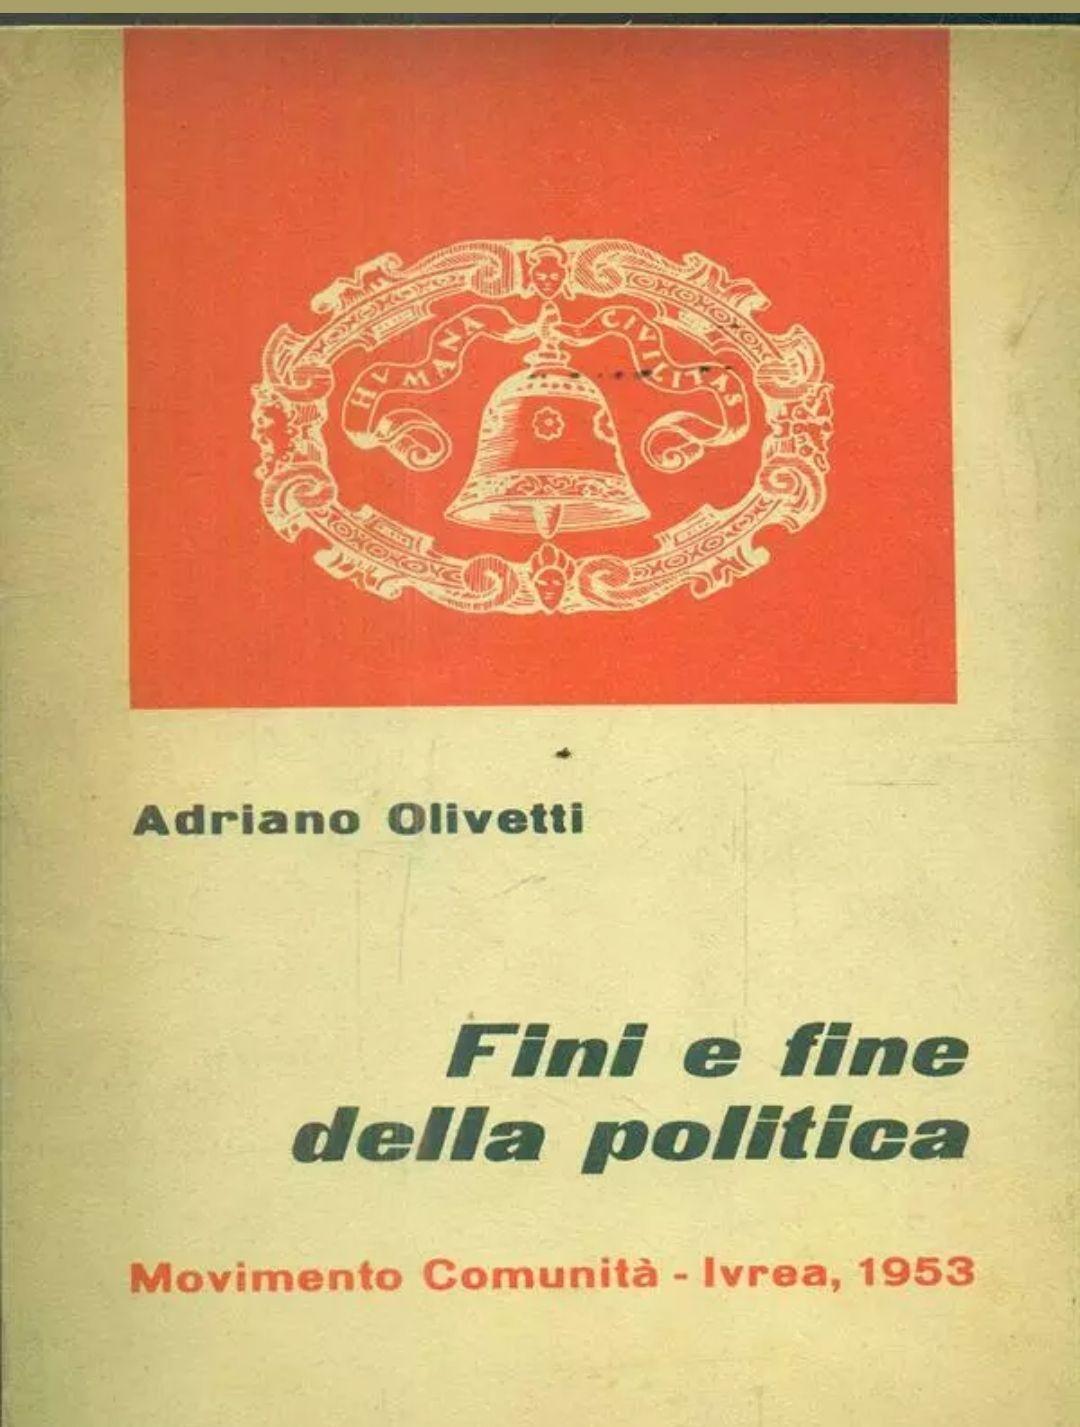 FINI E FINE DELLA POLITICA OLIVETTI ADRIANO MOVIMENTO COMUNITA' 1953, 35,30€